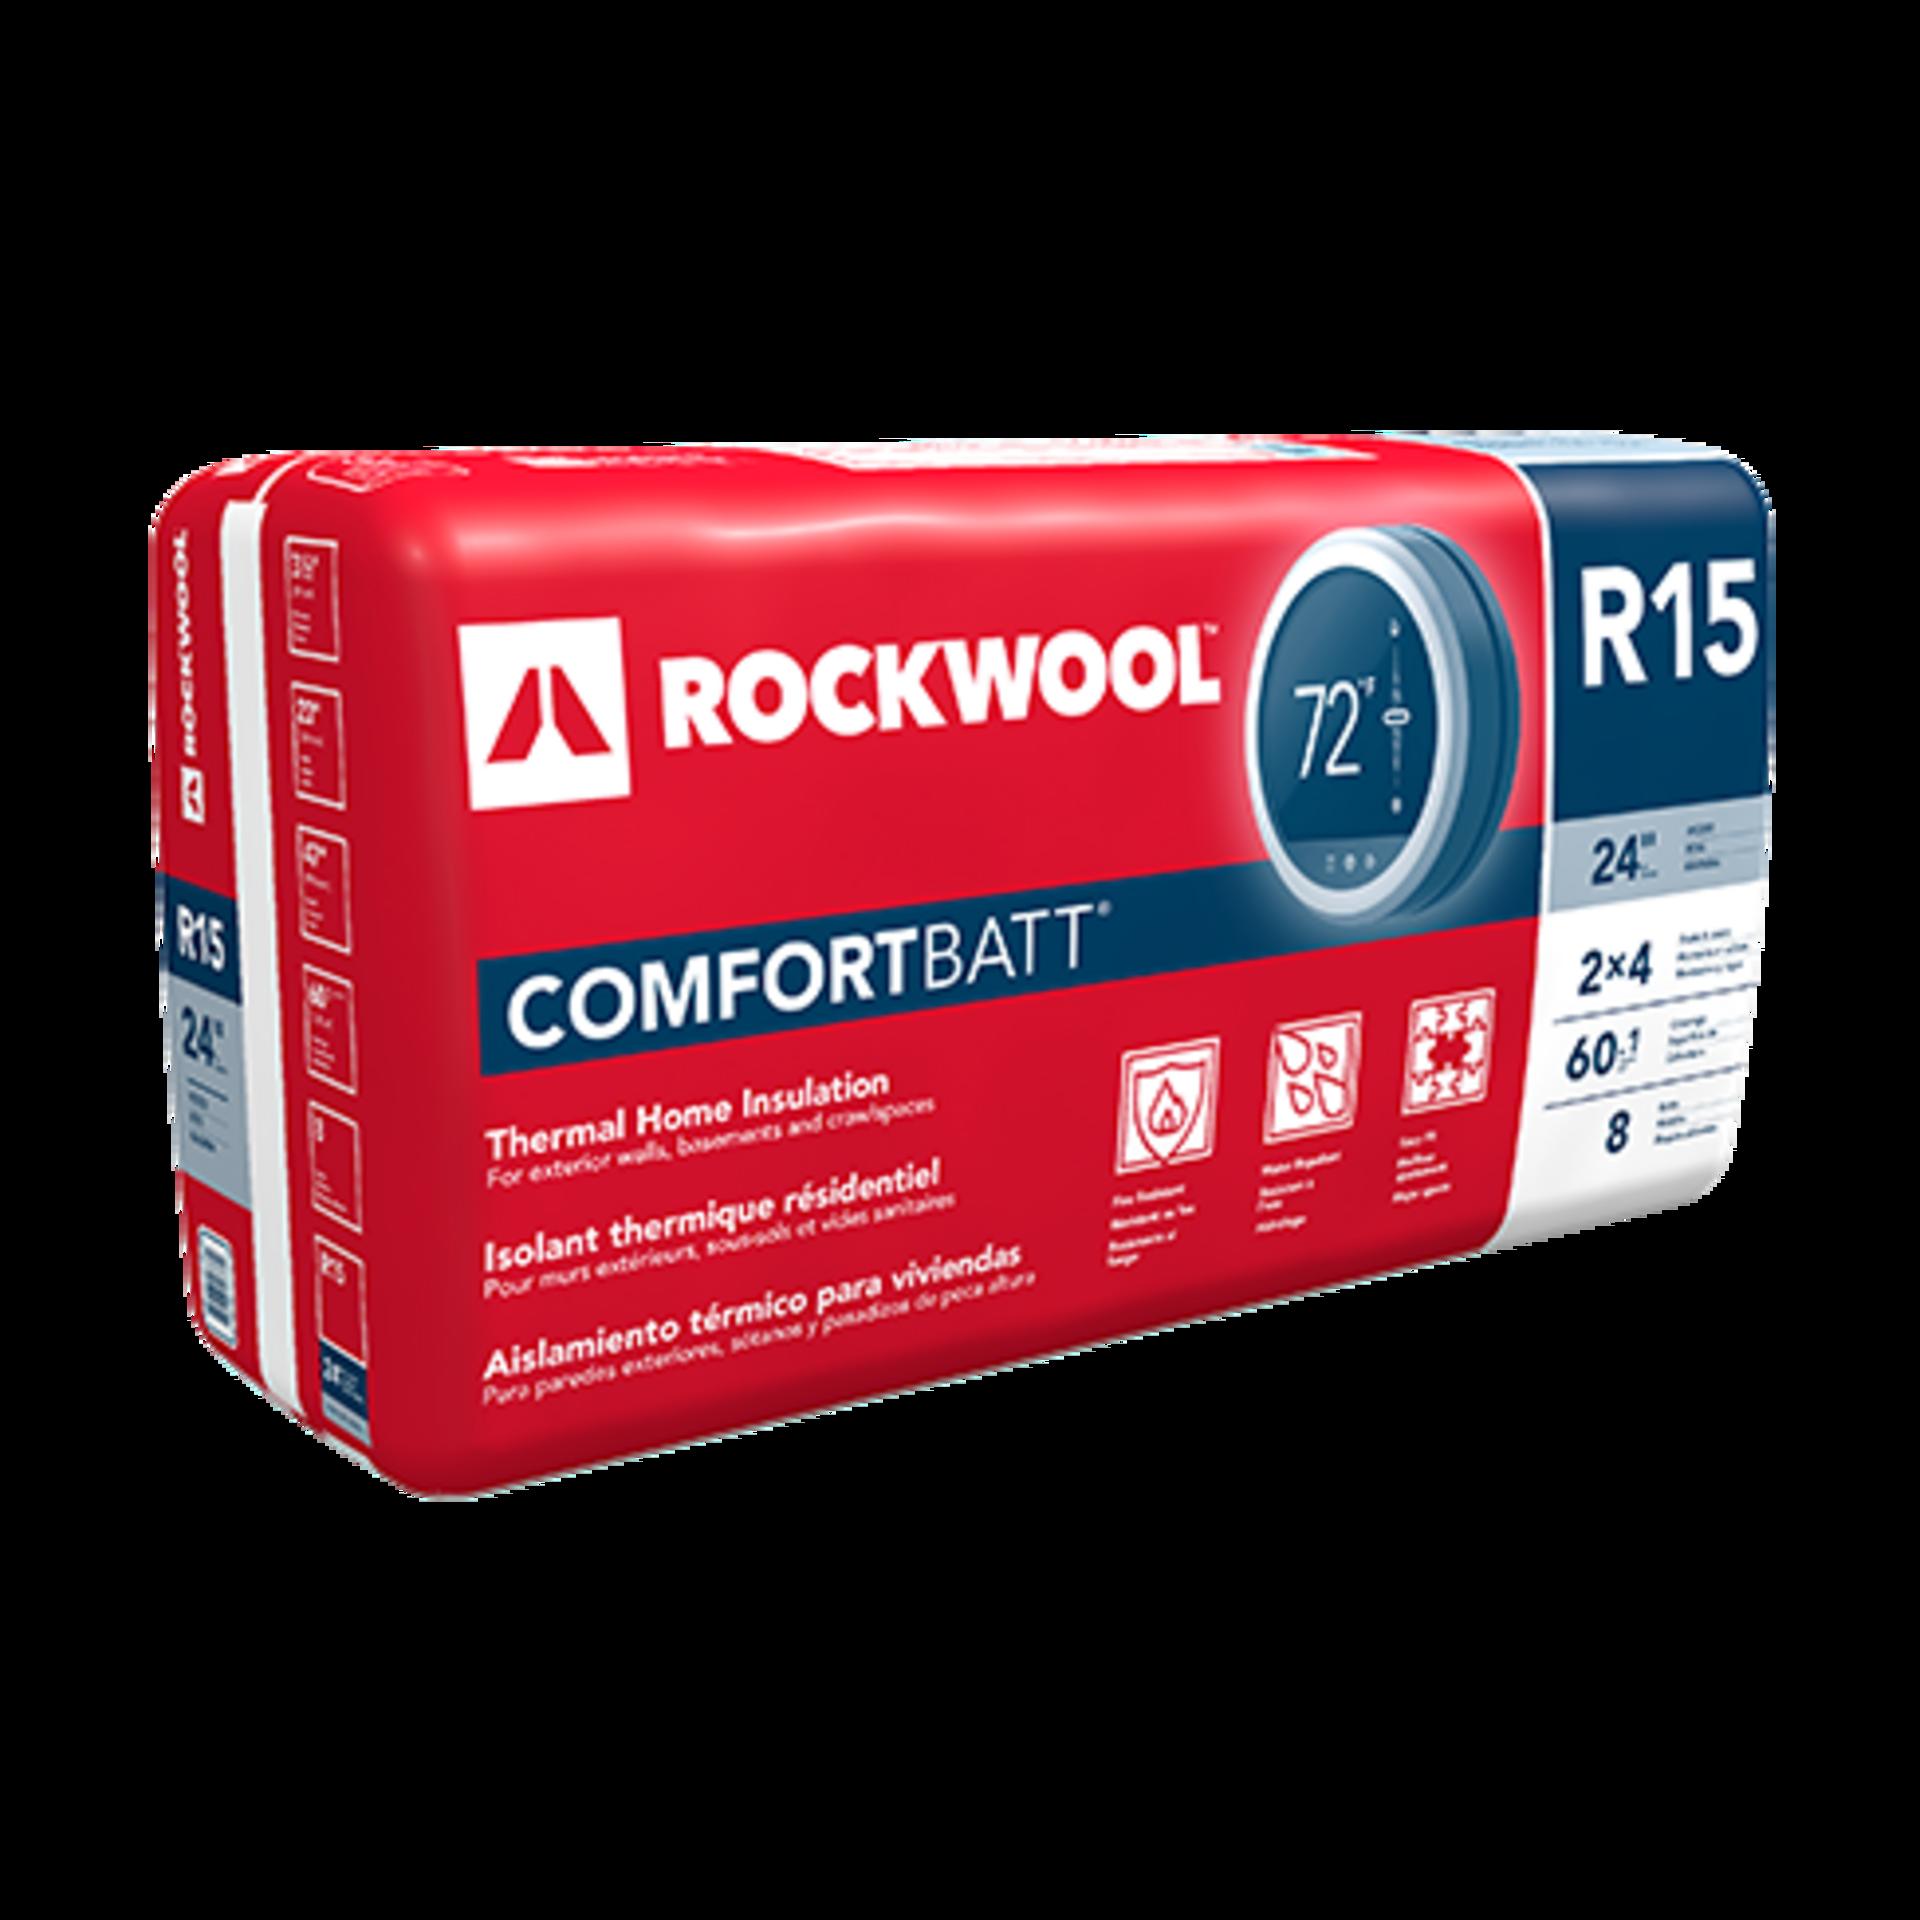 ROCKWOOL Comfortbatt